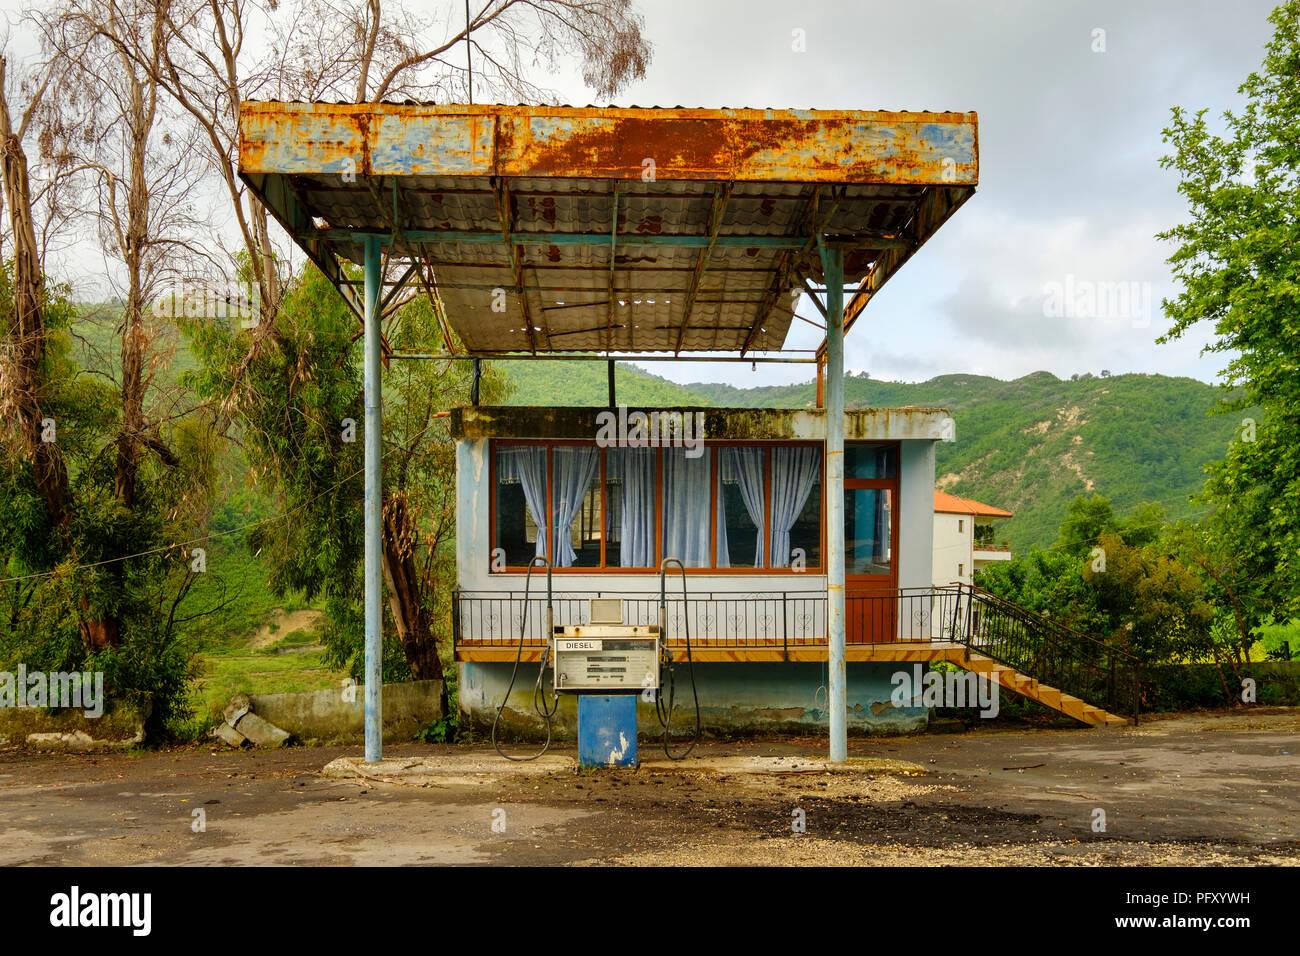 Vieille station d'essence près de Ballsh, Qarier Fier, Albanie Photo Stock